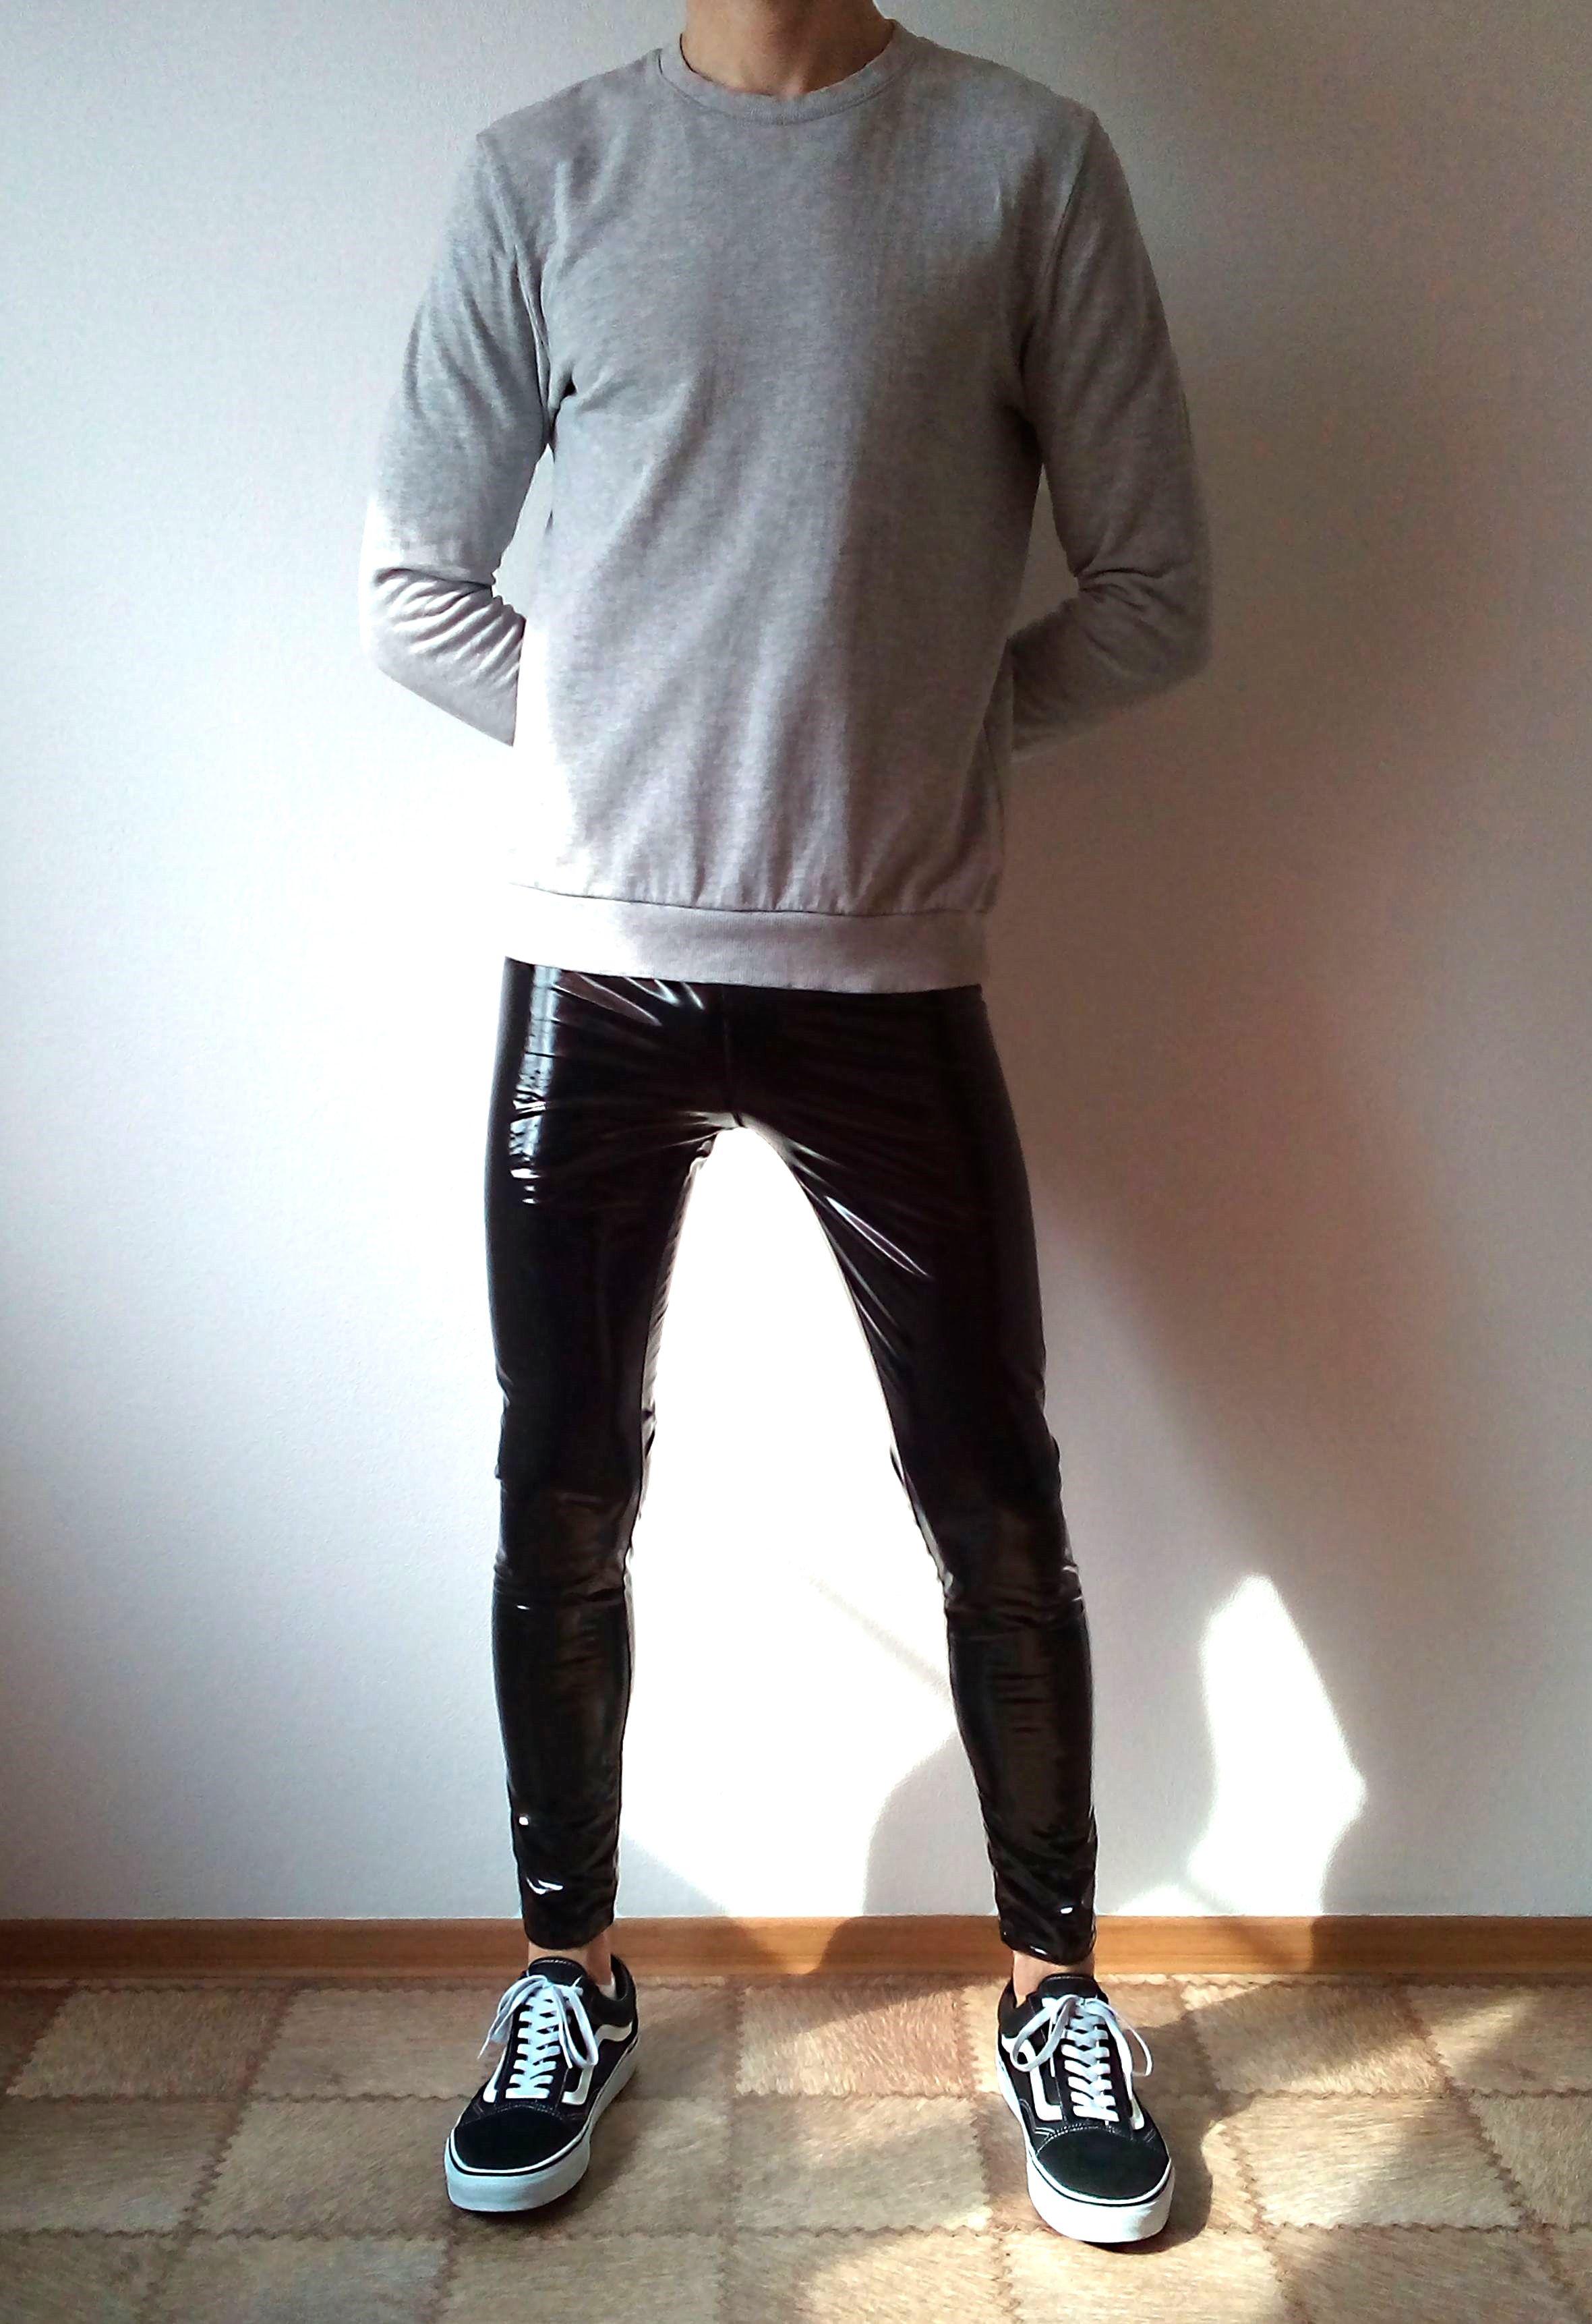 2vans hombre leather